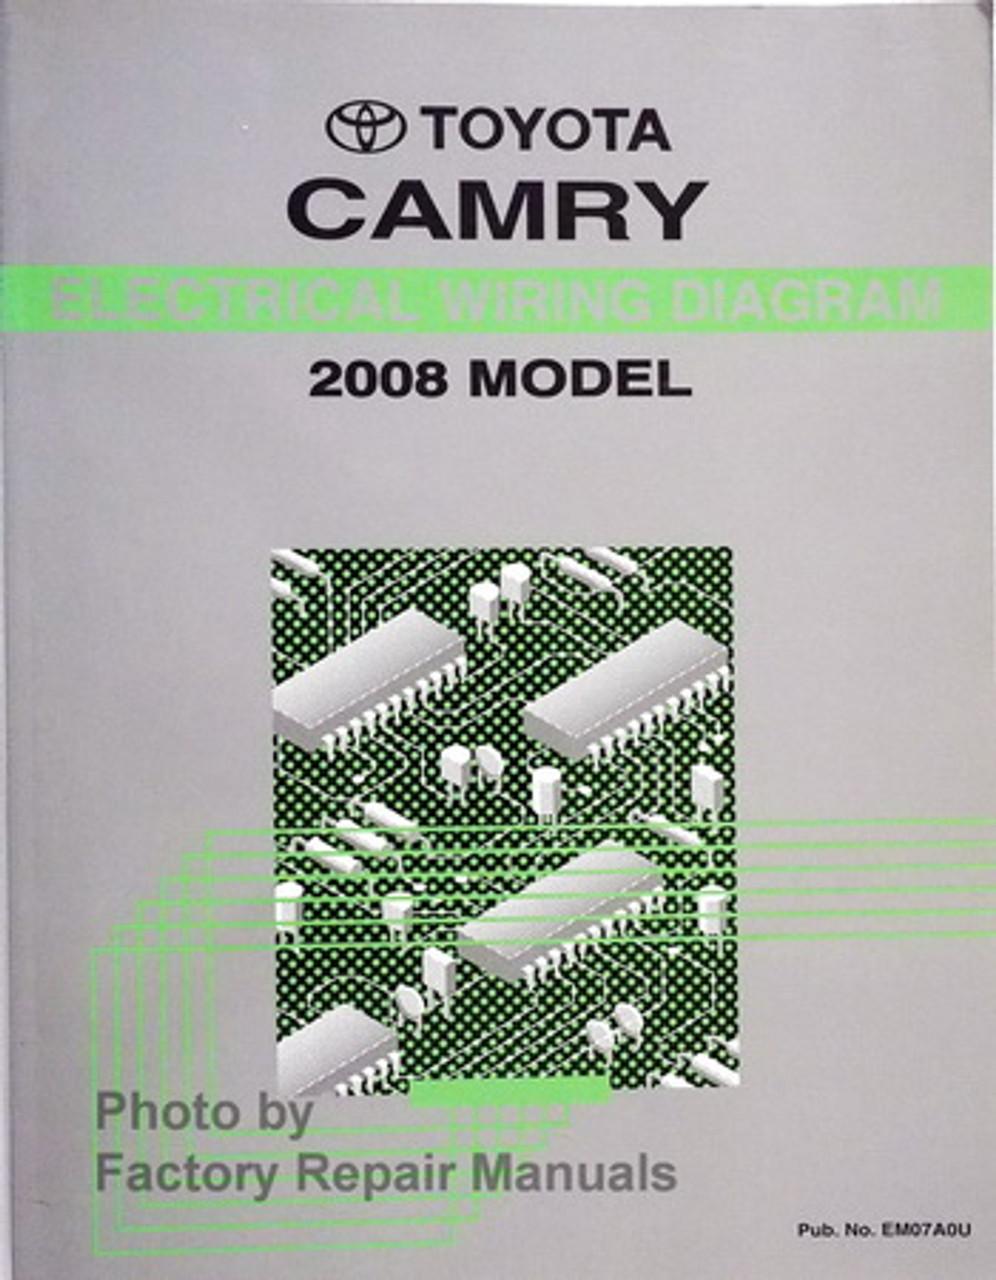 2008 Toyota Camry Electrical Wiring Diagrams Original Factory Manual -  Factory Repair ManualsFactory Repair Manuals